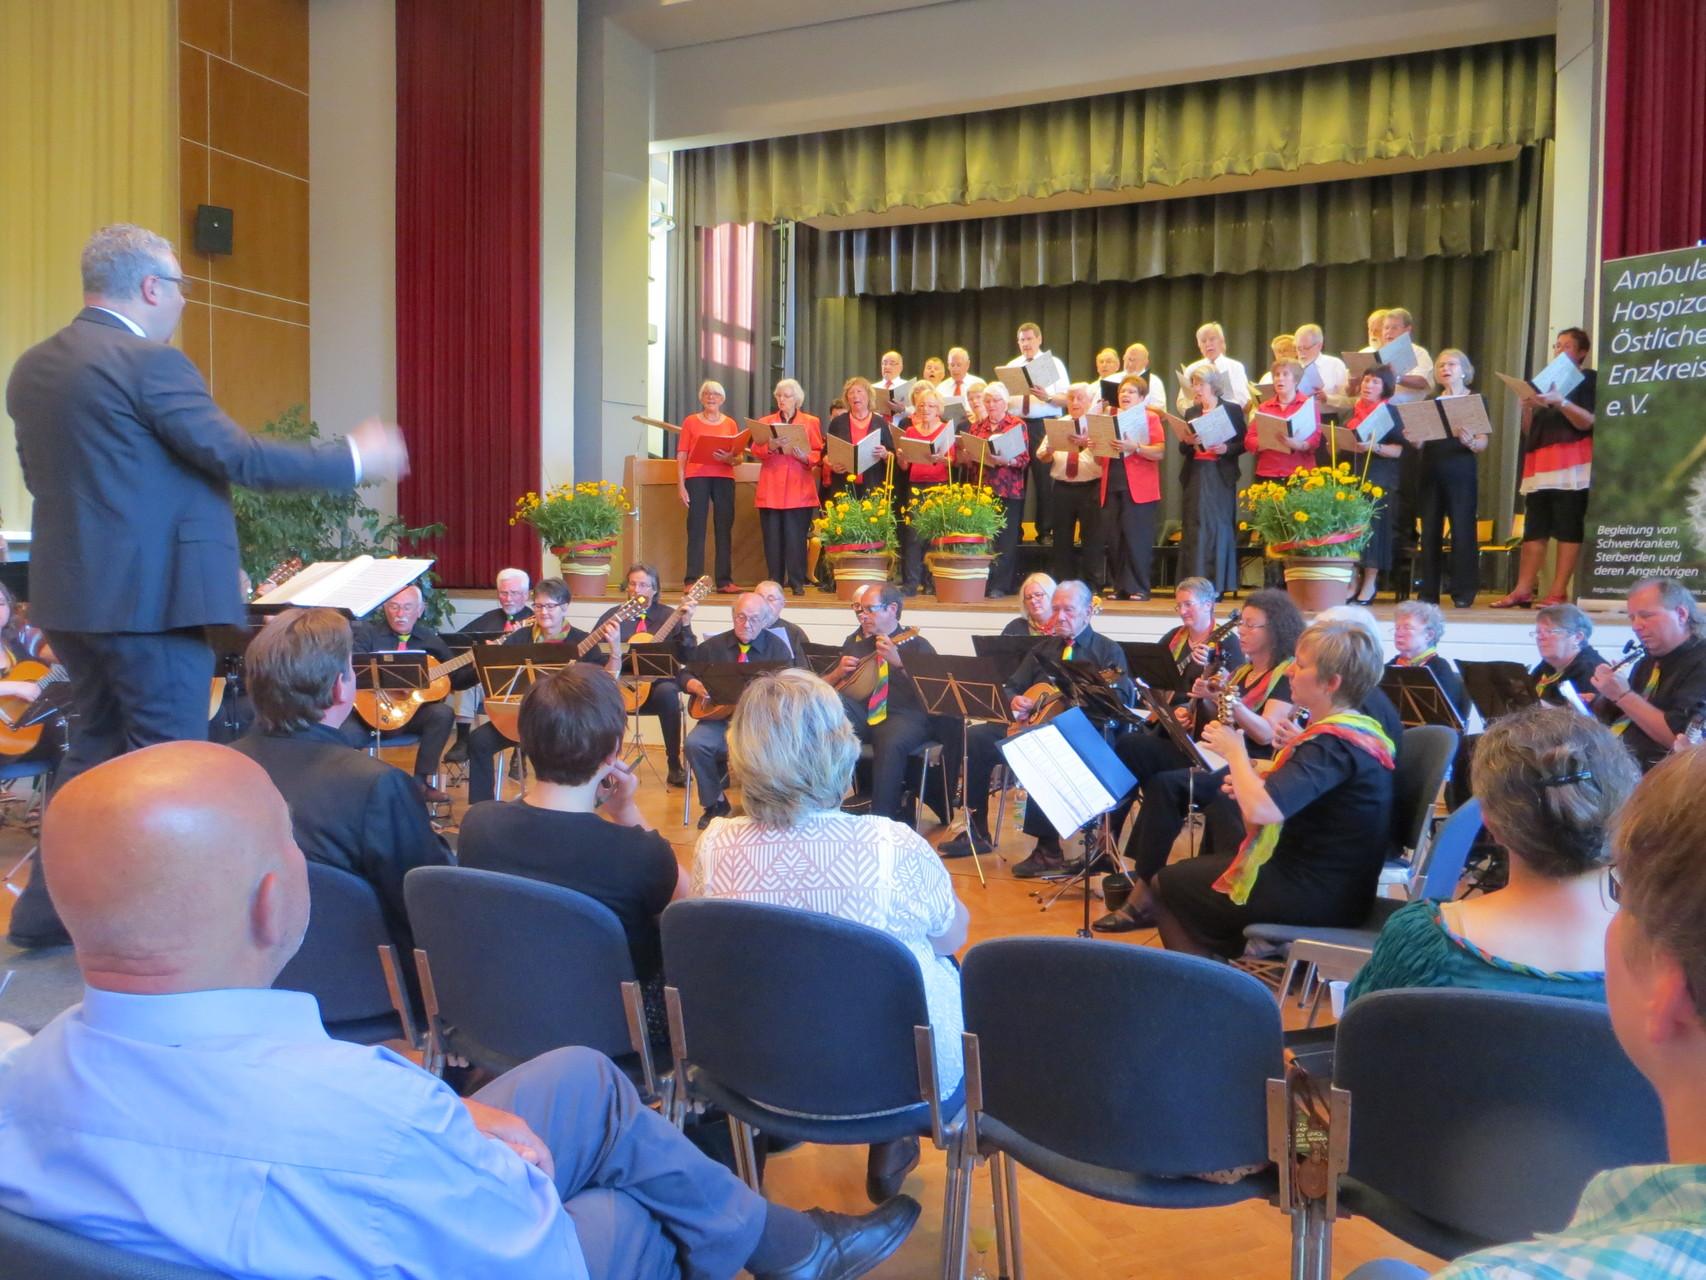 Benefiz-Konzert im Uhlandbau zugunsten Hospizdienst am 13.6.2015